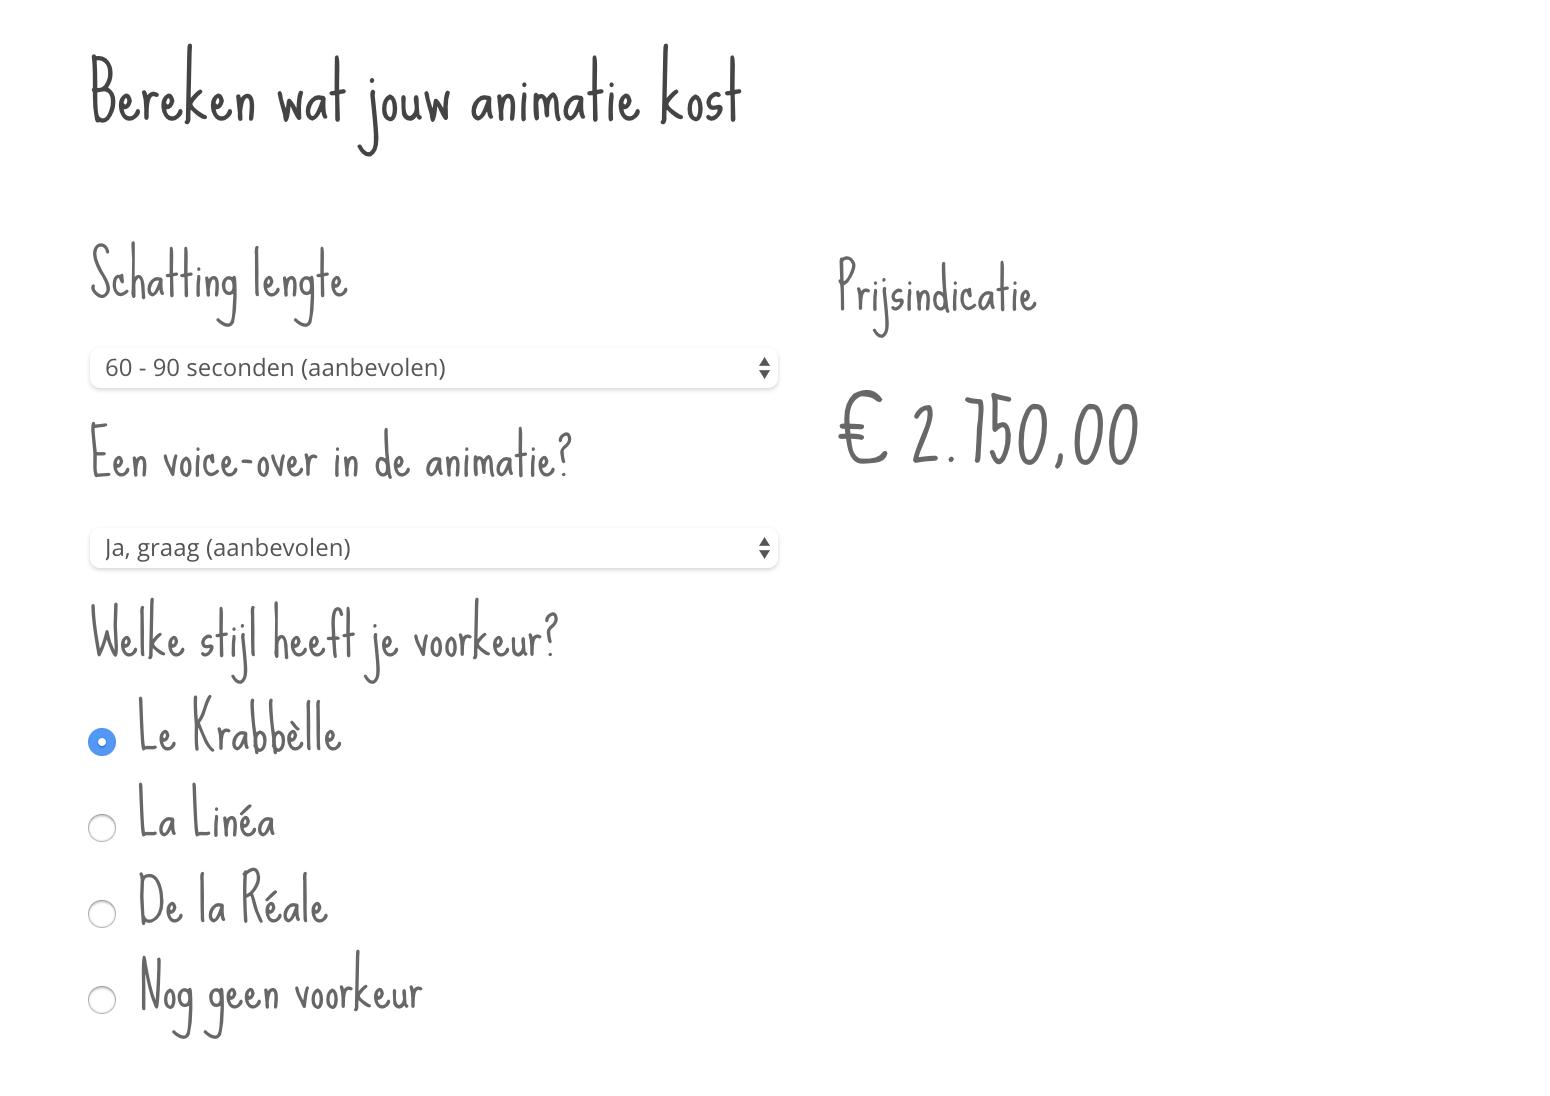 whiteboard animatie kosten